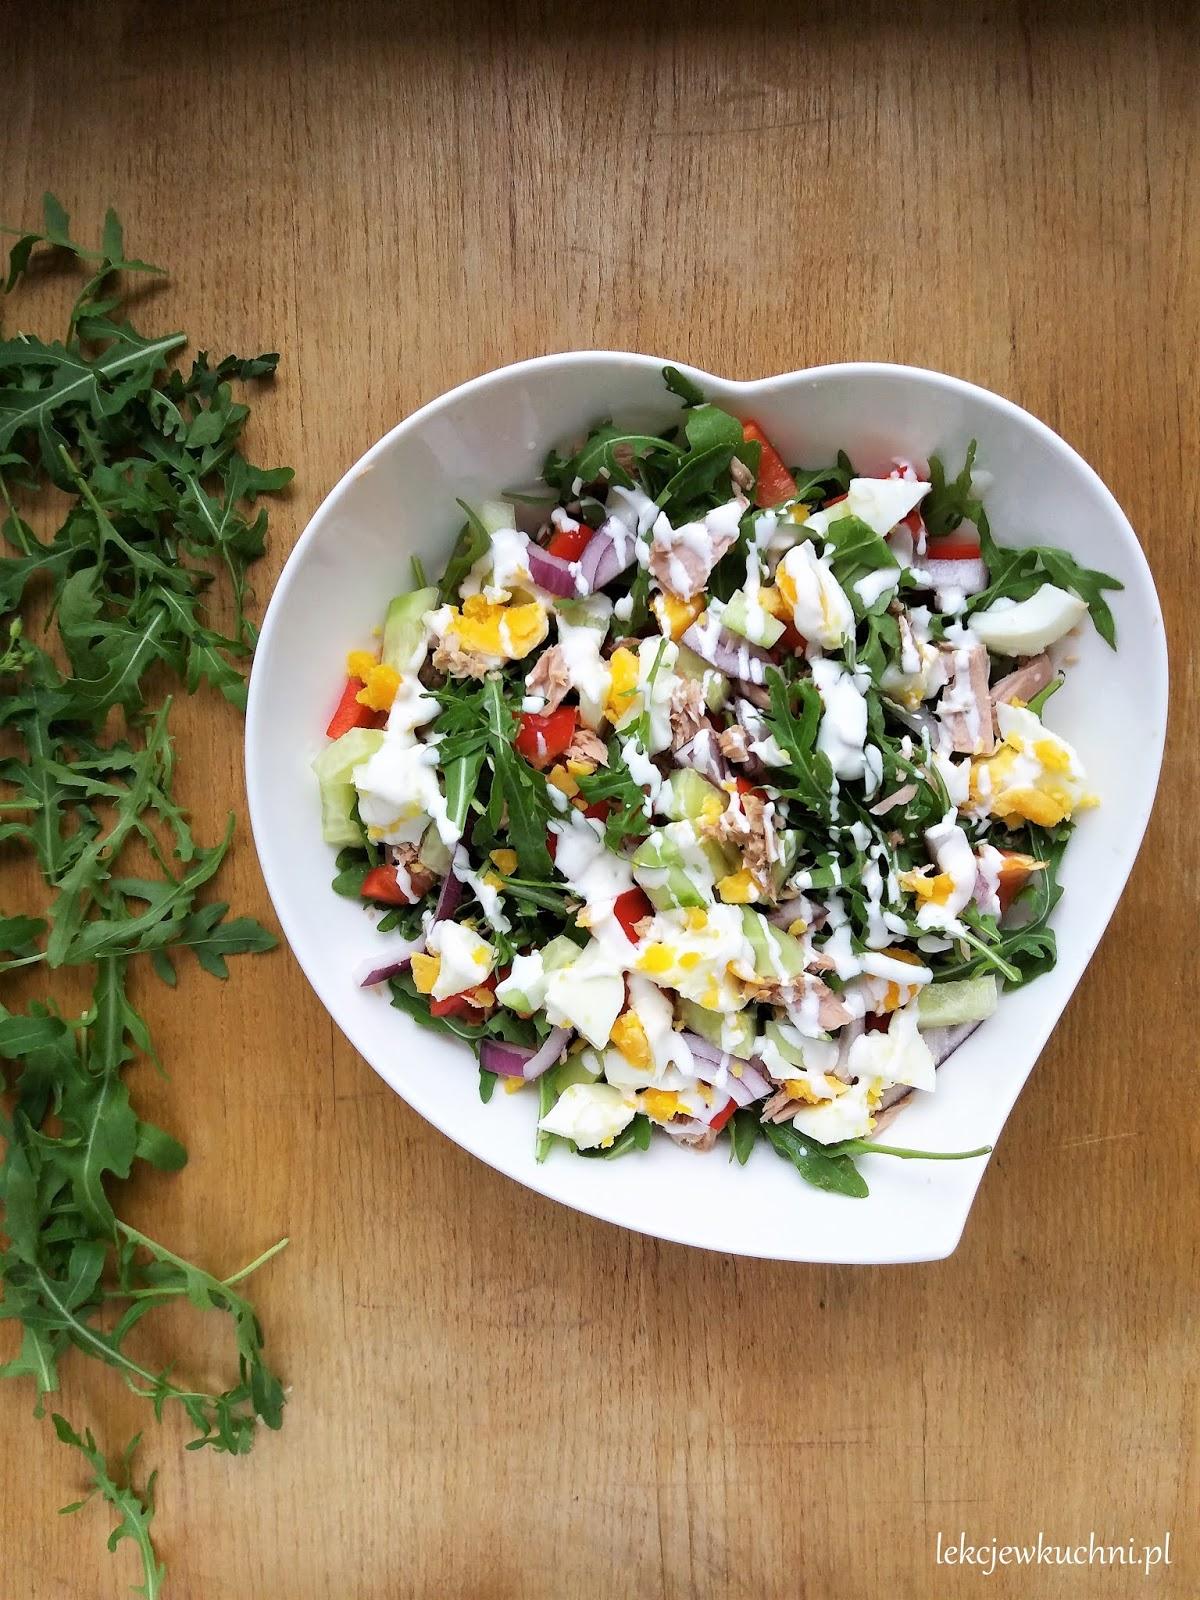 Szybka Salatka Z Tunczykiem I Rukola Quick Tuna And Arugula Salad Lekcje W Kuchni